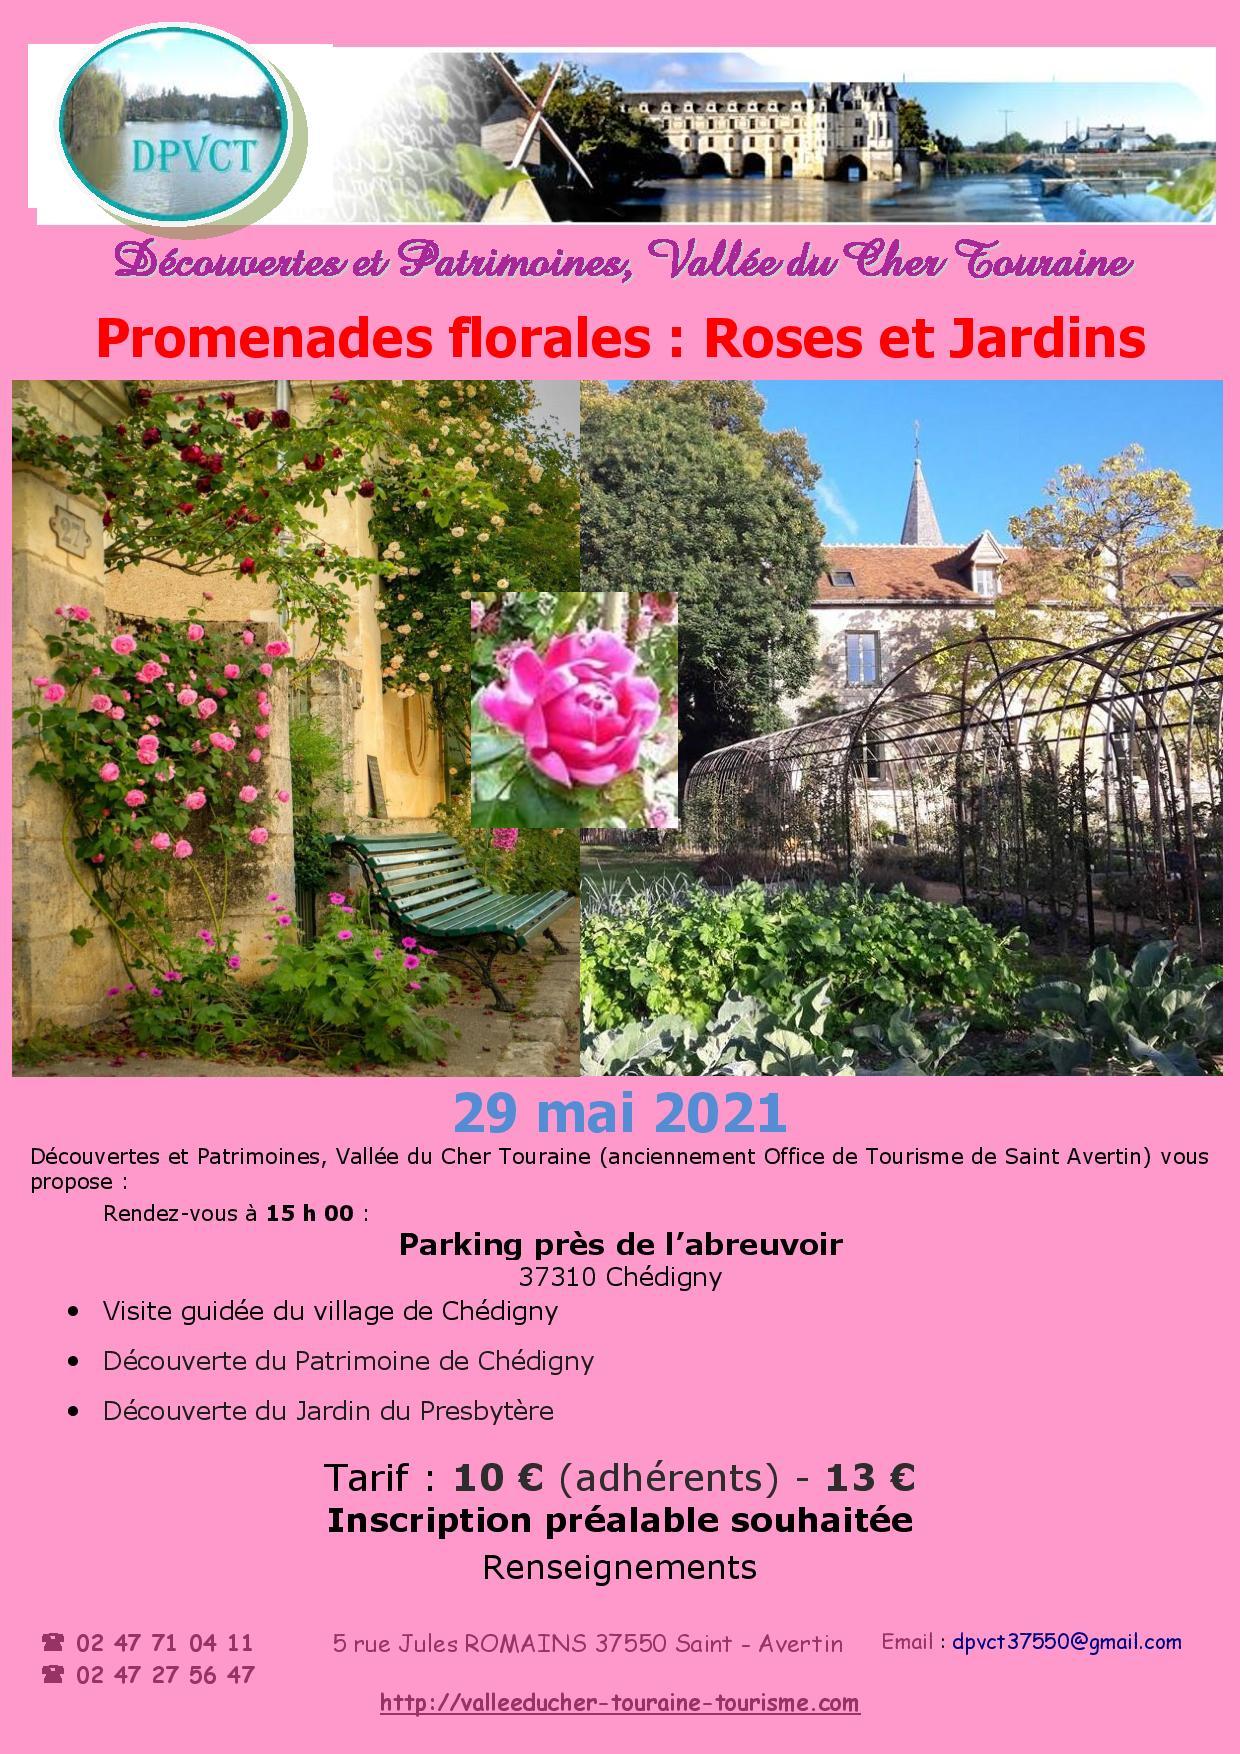 Promenades florales : Roses et Jardins # Chédigny @ Richelieu | Centre-Val de Loire | France